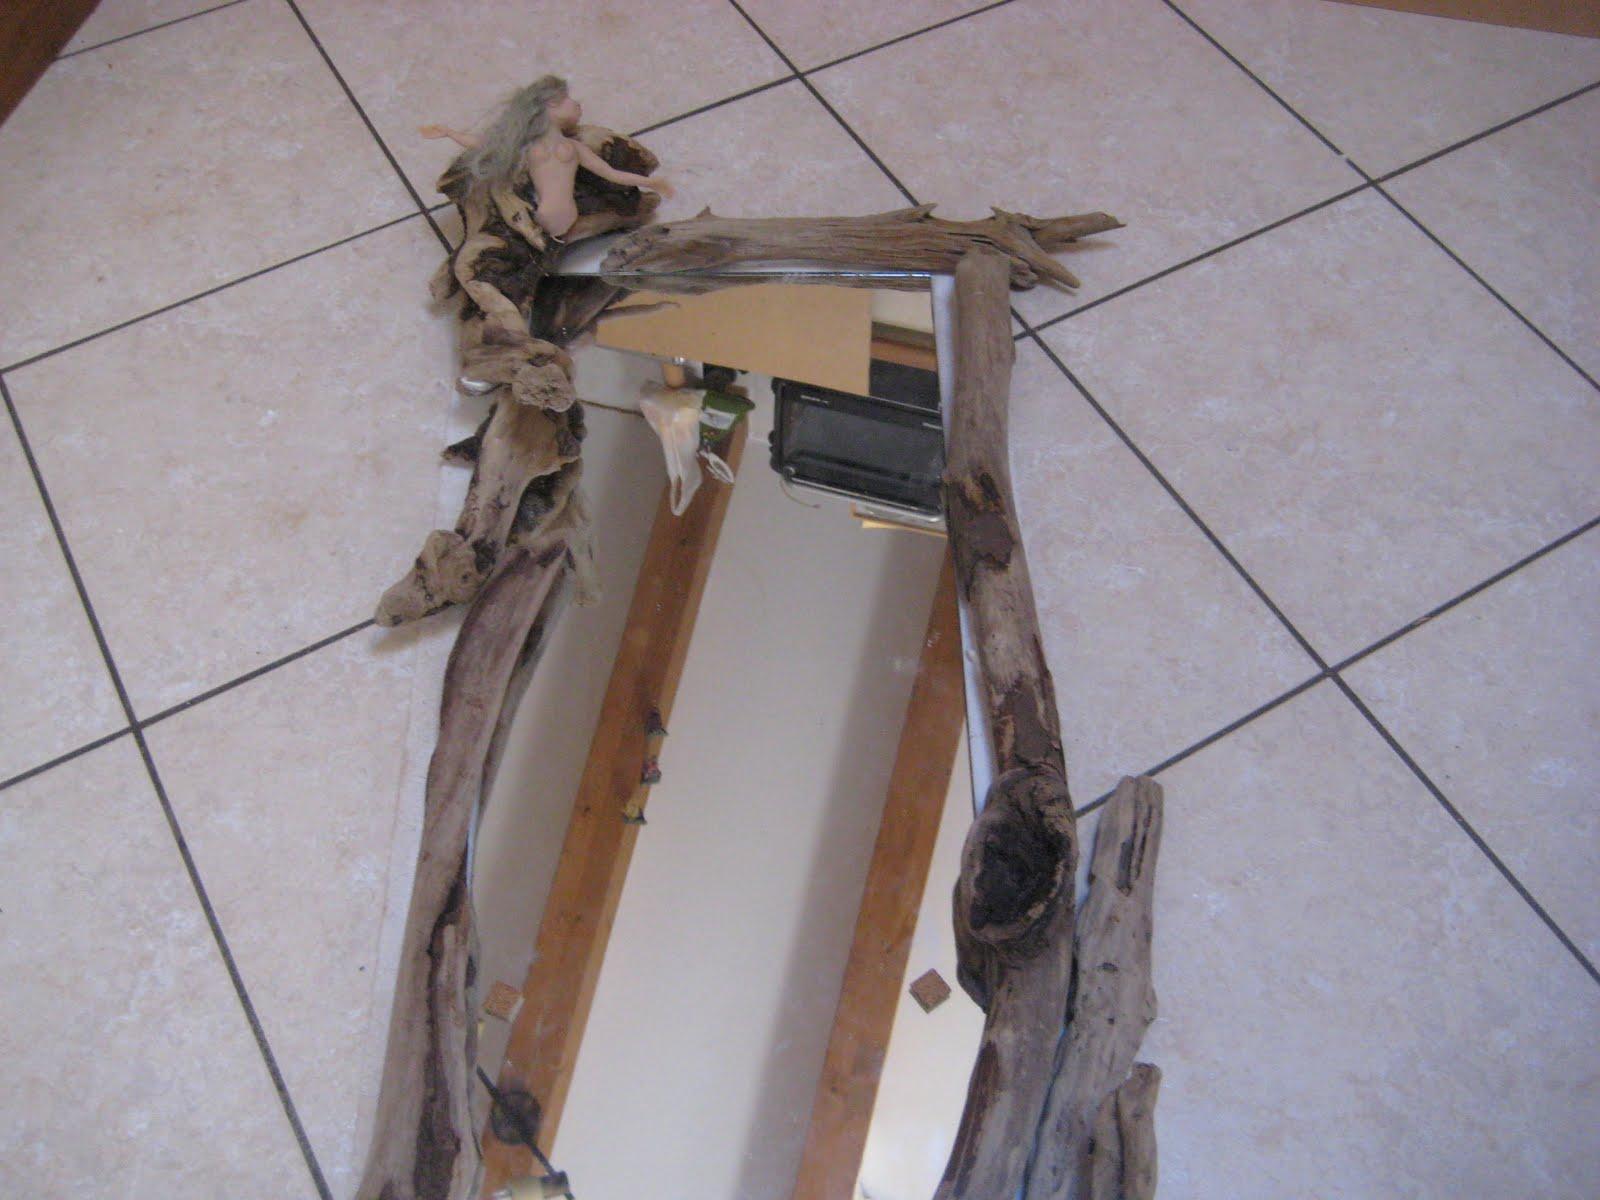 Il piccolo mondo antico anteprima specchio delle fate for Specchio antico piccolo